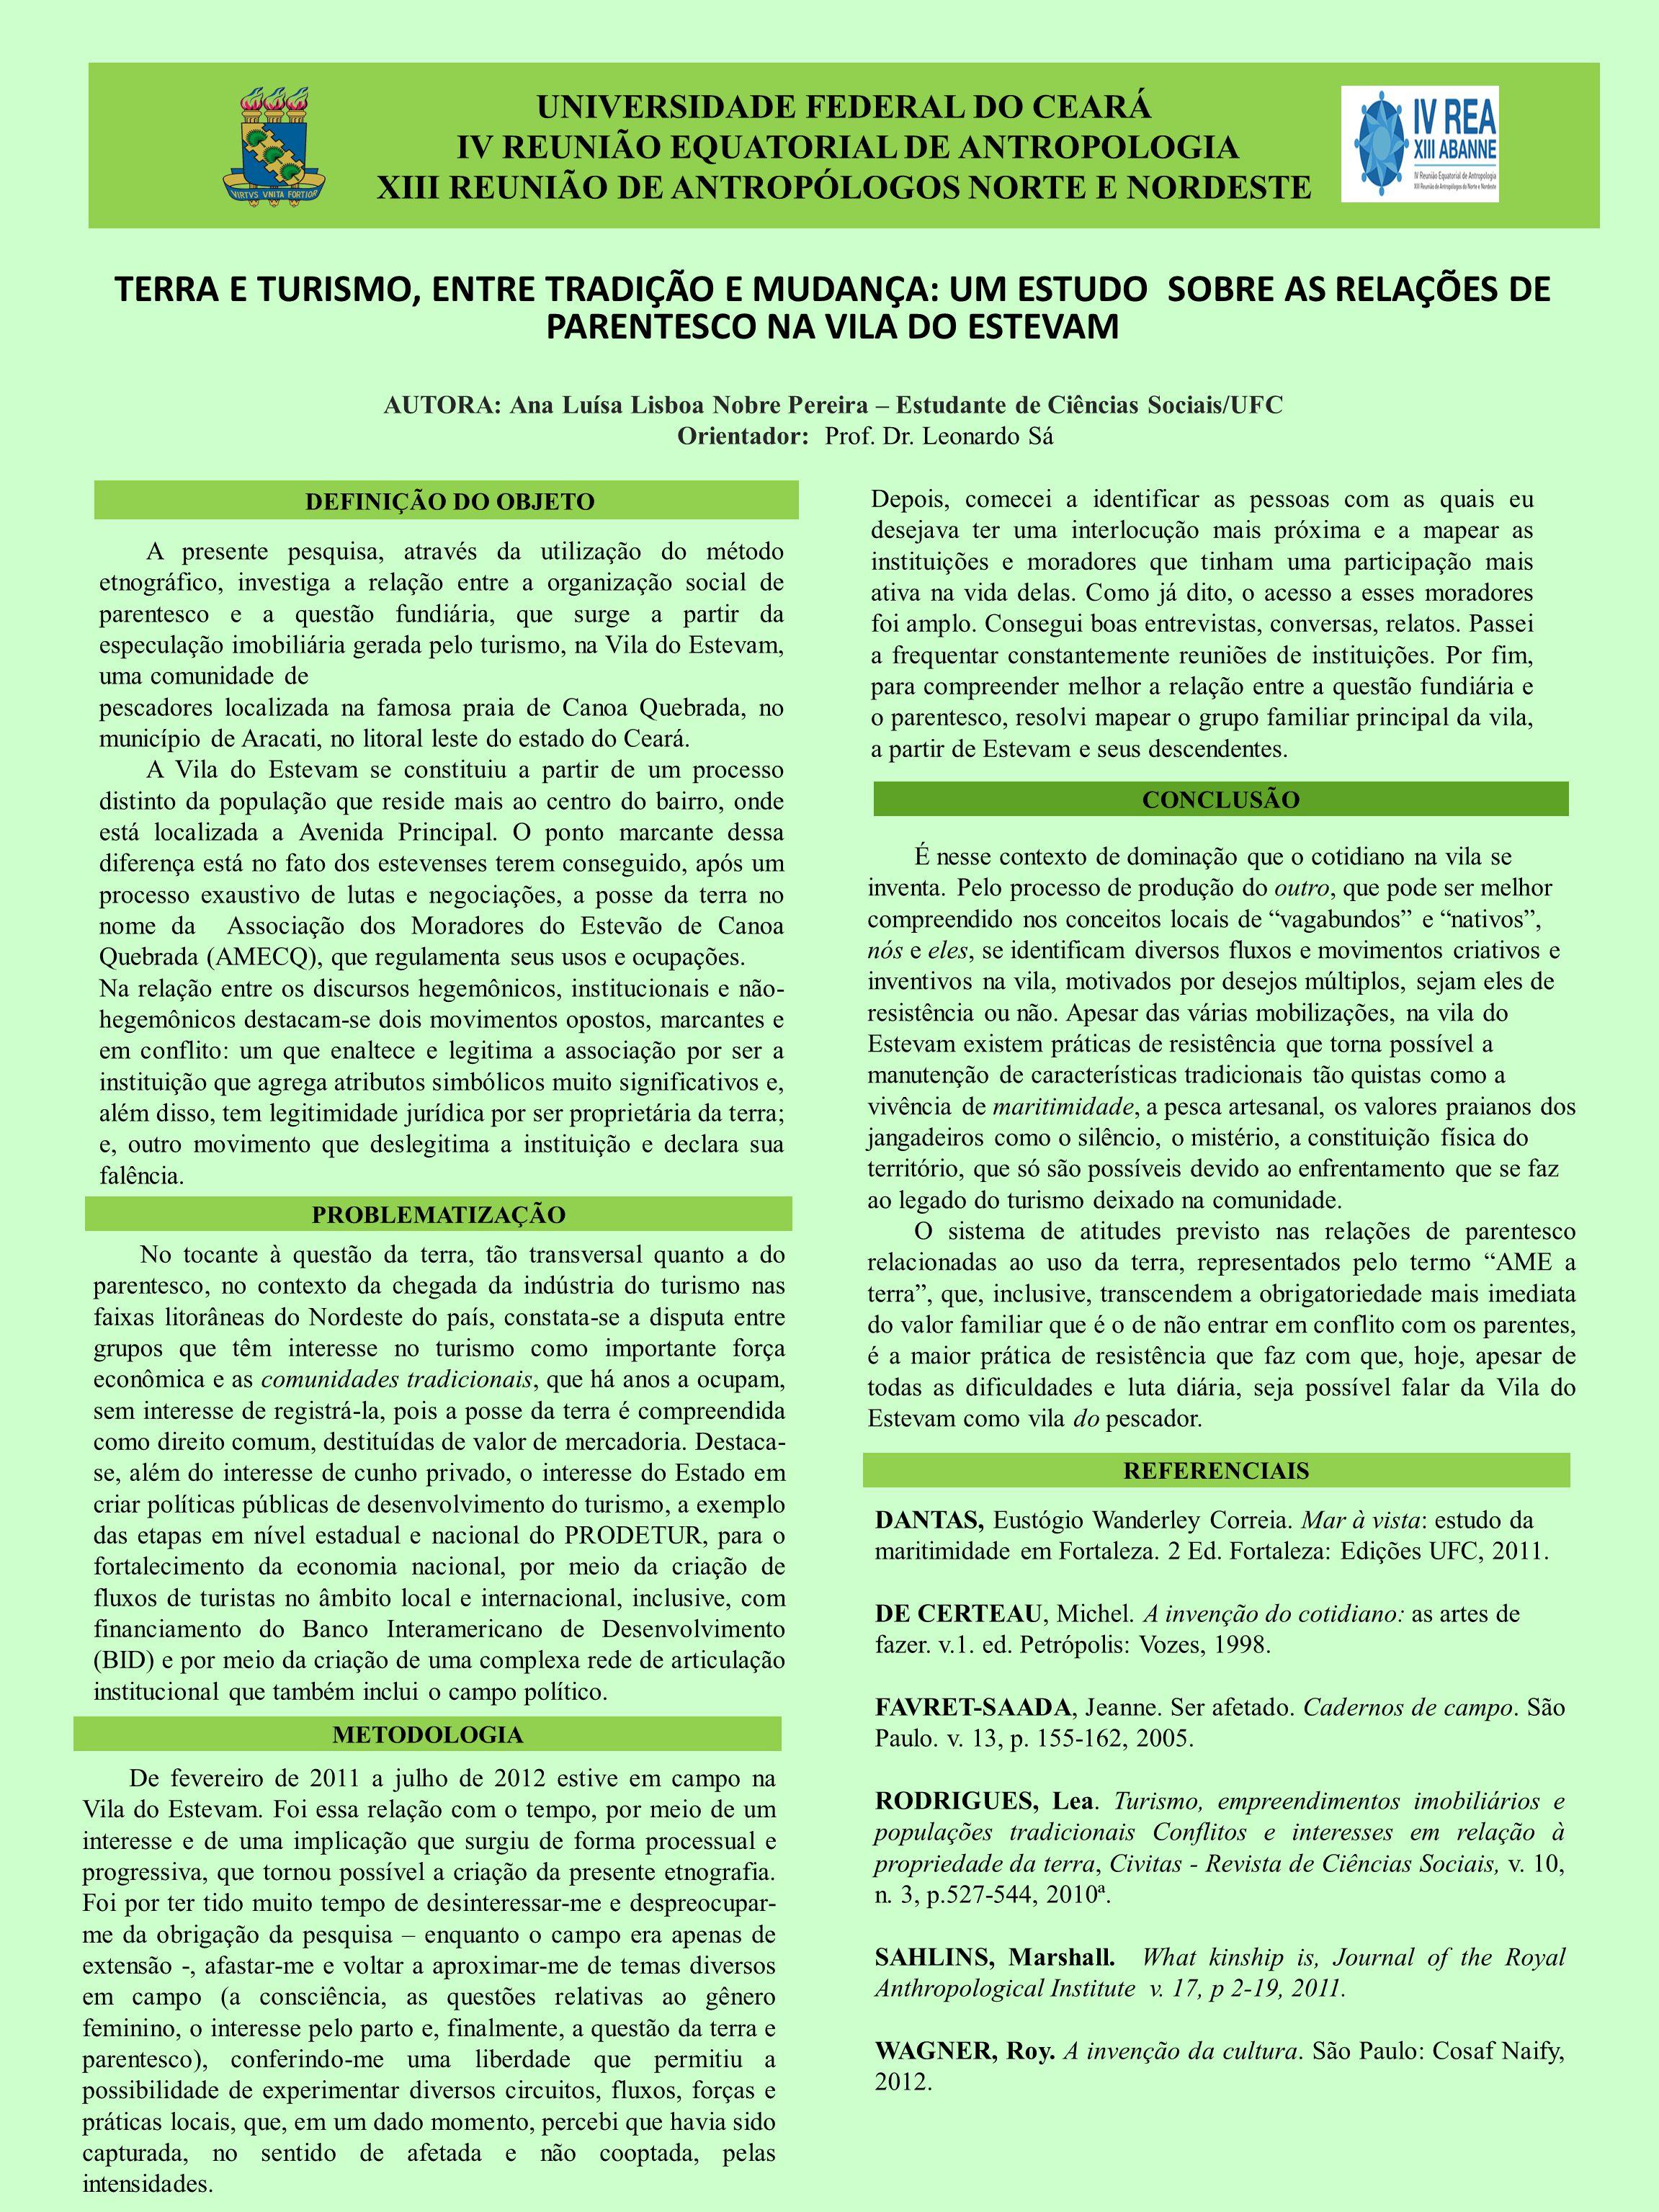 UNIVERSIDADE FEDERAL DO CEARÁ IV REUNIÃO EQUATORIAL DE ANTROPOLOGIA XIII REUNIÃO DE ANTROPÓLOGOS NORTE E NORDESTE TERRA E TURISMO, ENTRE TRADIÇÃO E MUDANÇA: UM ESTUDO SOBRE AS RELAÇÕES DE PARENTESCO NA VILA DO ESTEVAM A presente pesquisa, através da utilização do método etnográfico, investiga a relação entre a organização social de parentesco e a questão fundiária, que surge a partir da especulação imobiliária gerada pelo turismo, na Vila do Estevam, uma comunidade de pescadores localizada na famosa praia de Canoa Quebrada, no município de Aracati, no litoral leste do estado do Ceará.